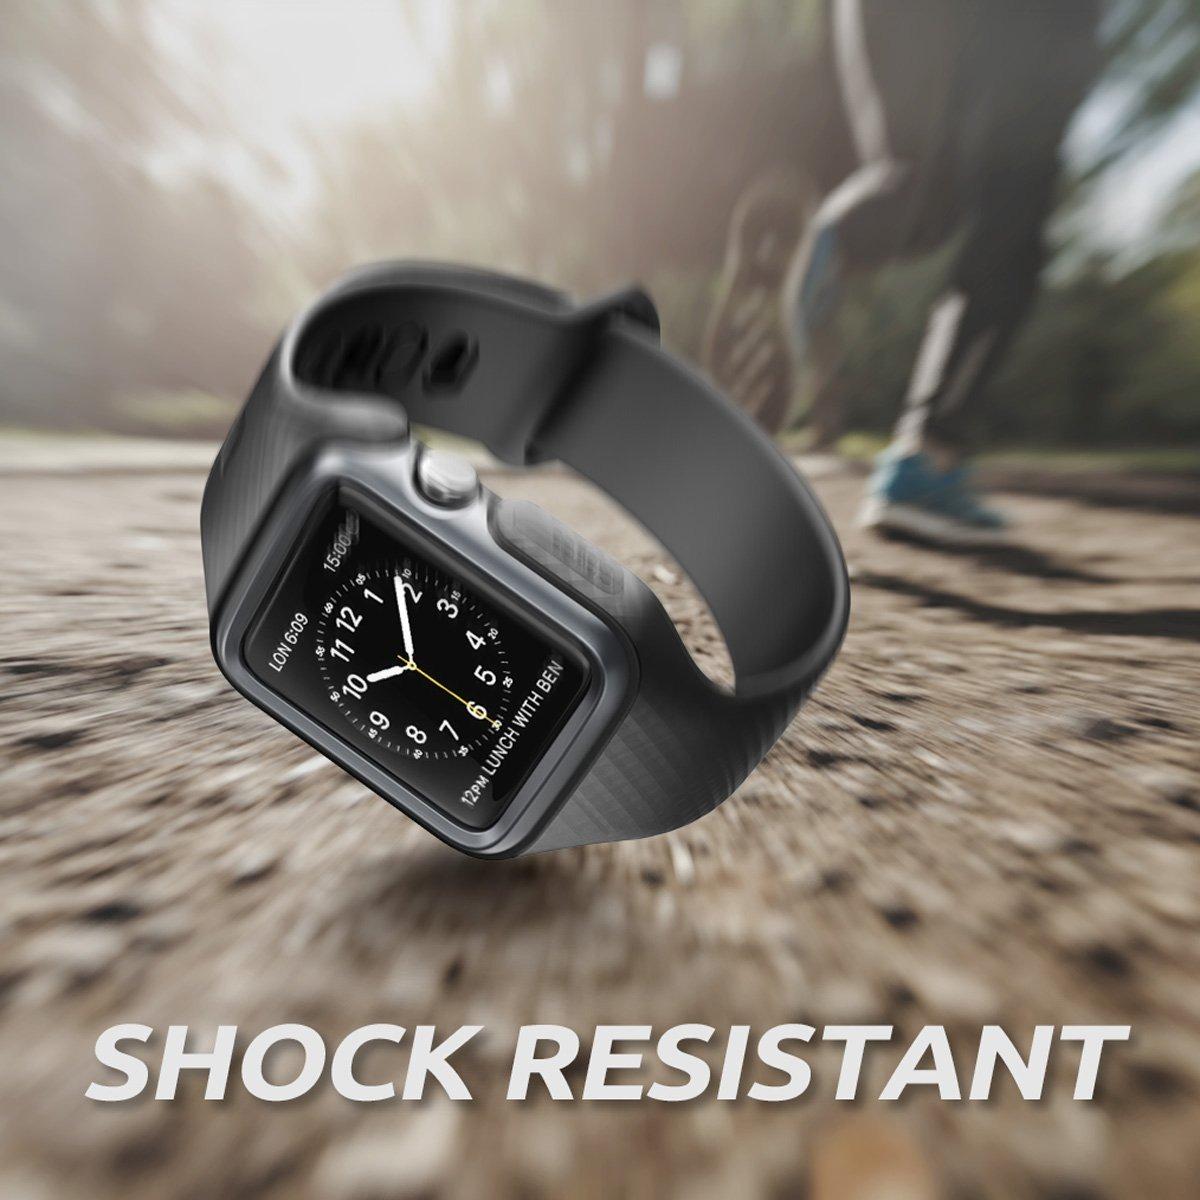 eebf41c7fc2 pulseira relógio apple watch 42mm preta proteçao vidro. Carregando zoom.